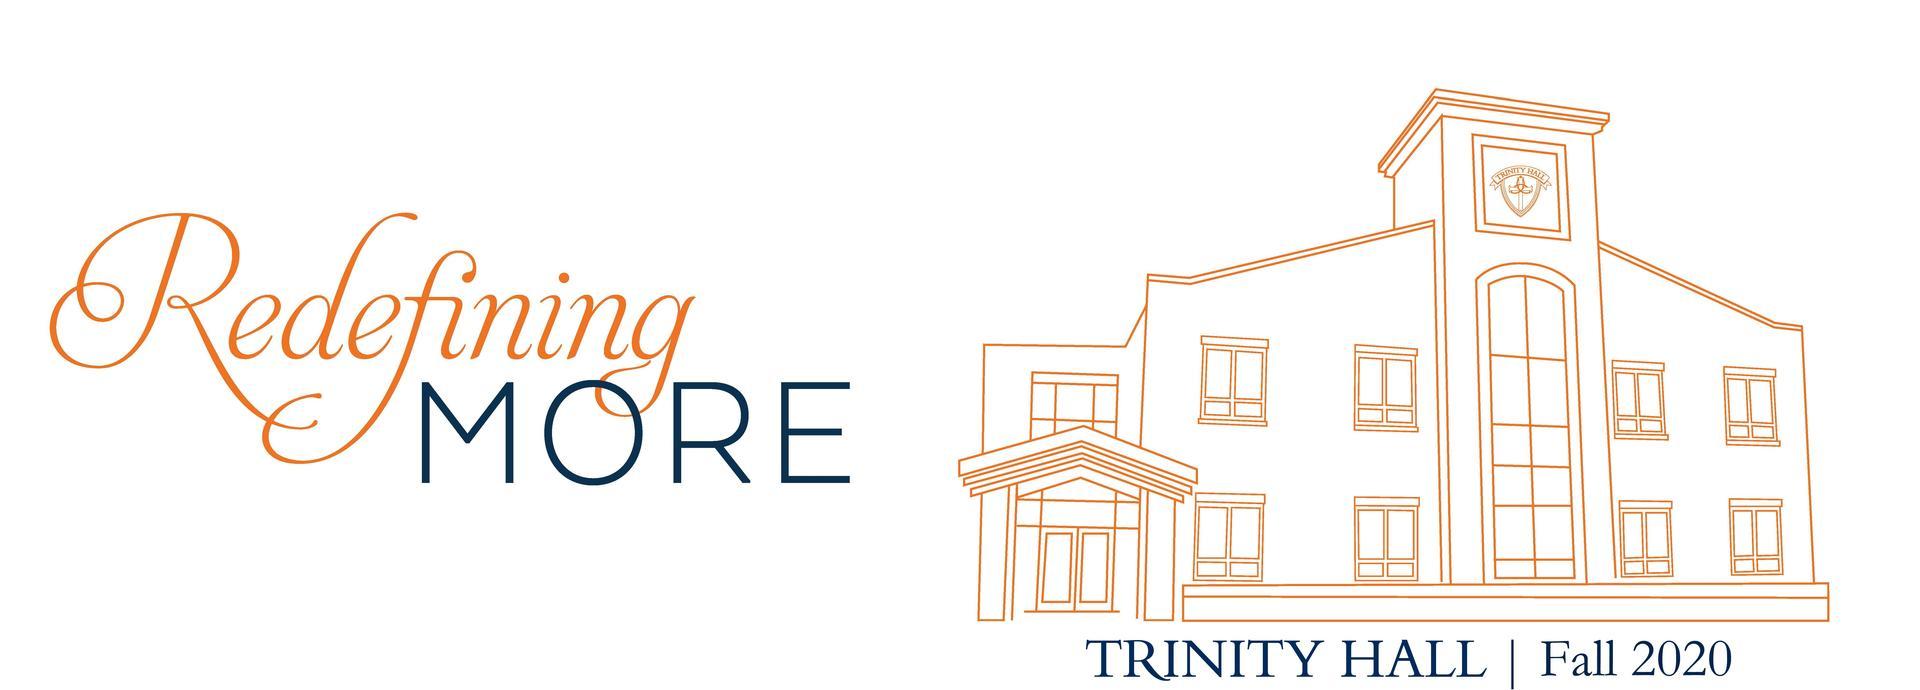 Redefining MORE logo horizontal